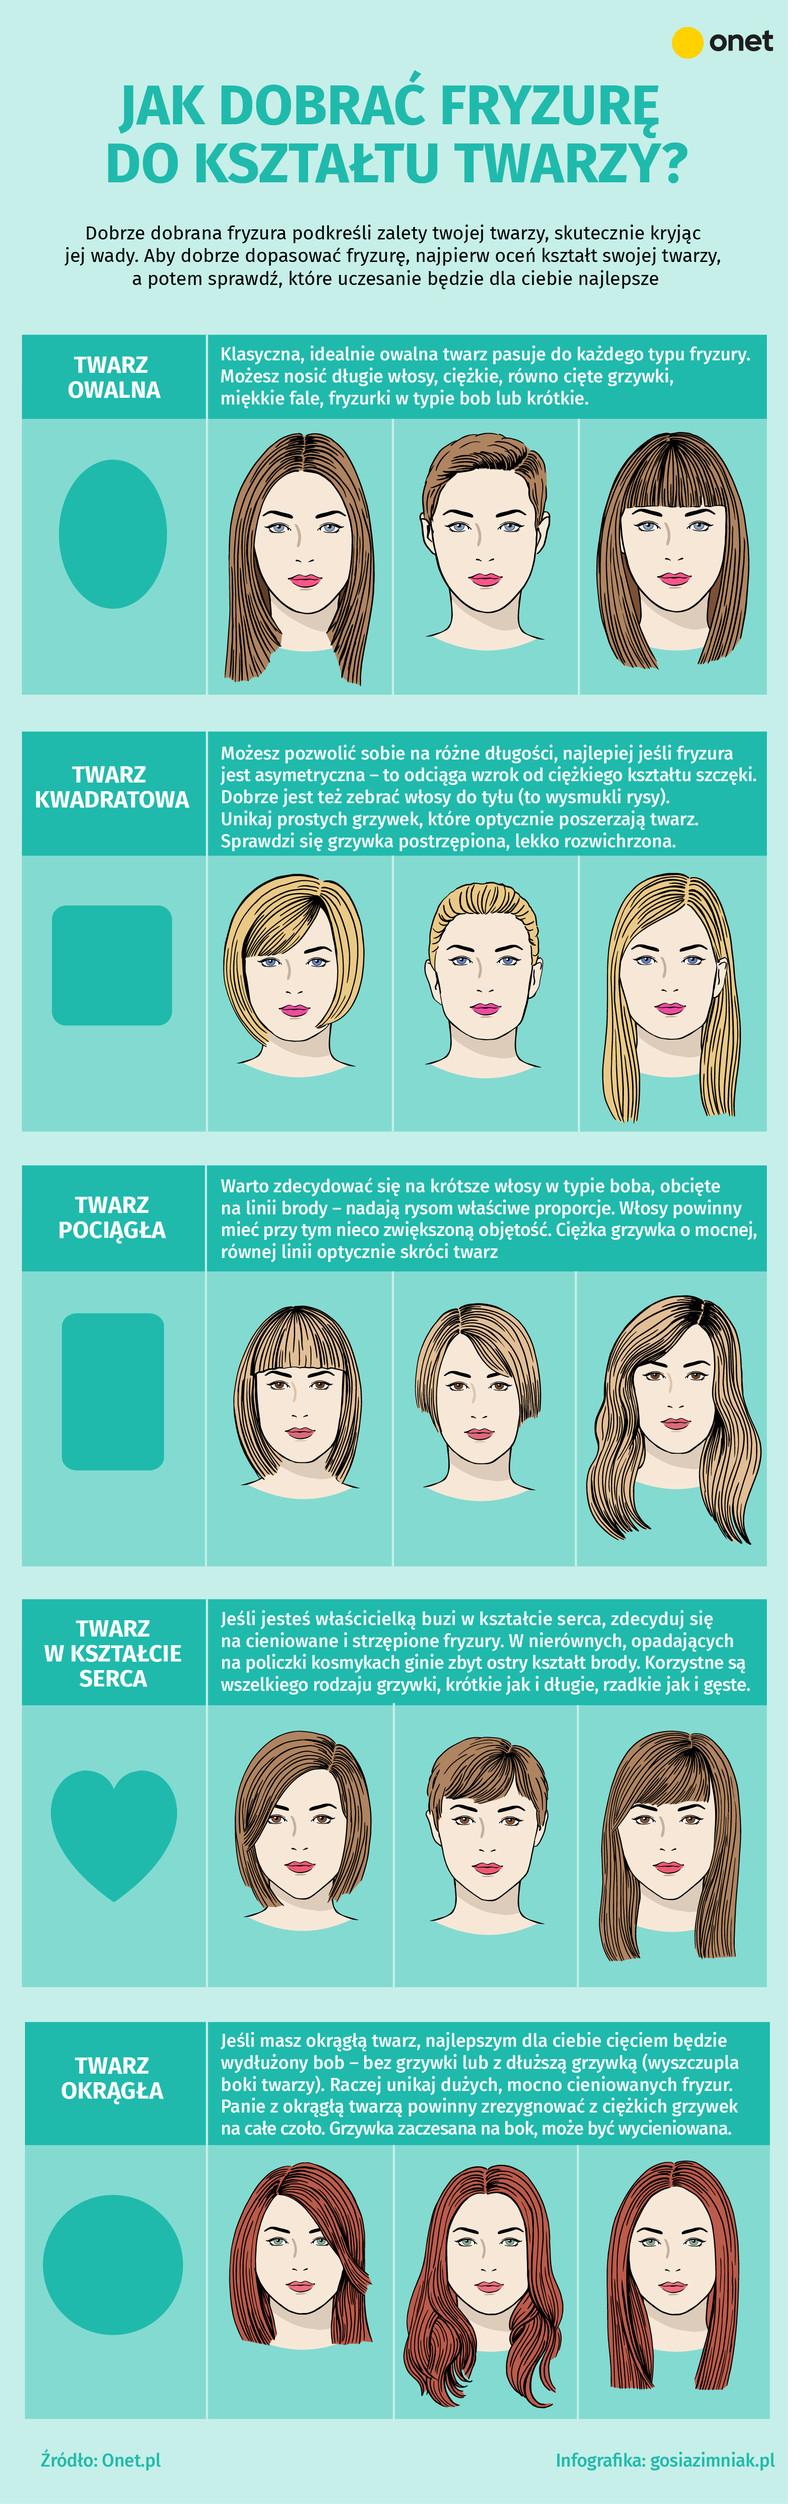 jak dobrać fryzurę do kształtu twarzy infografika